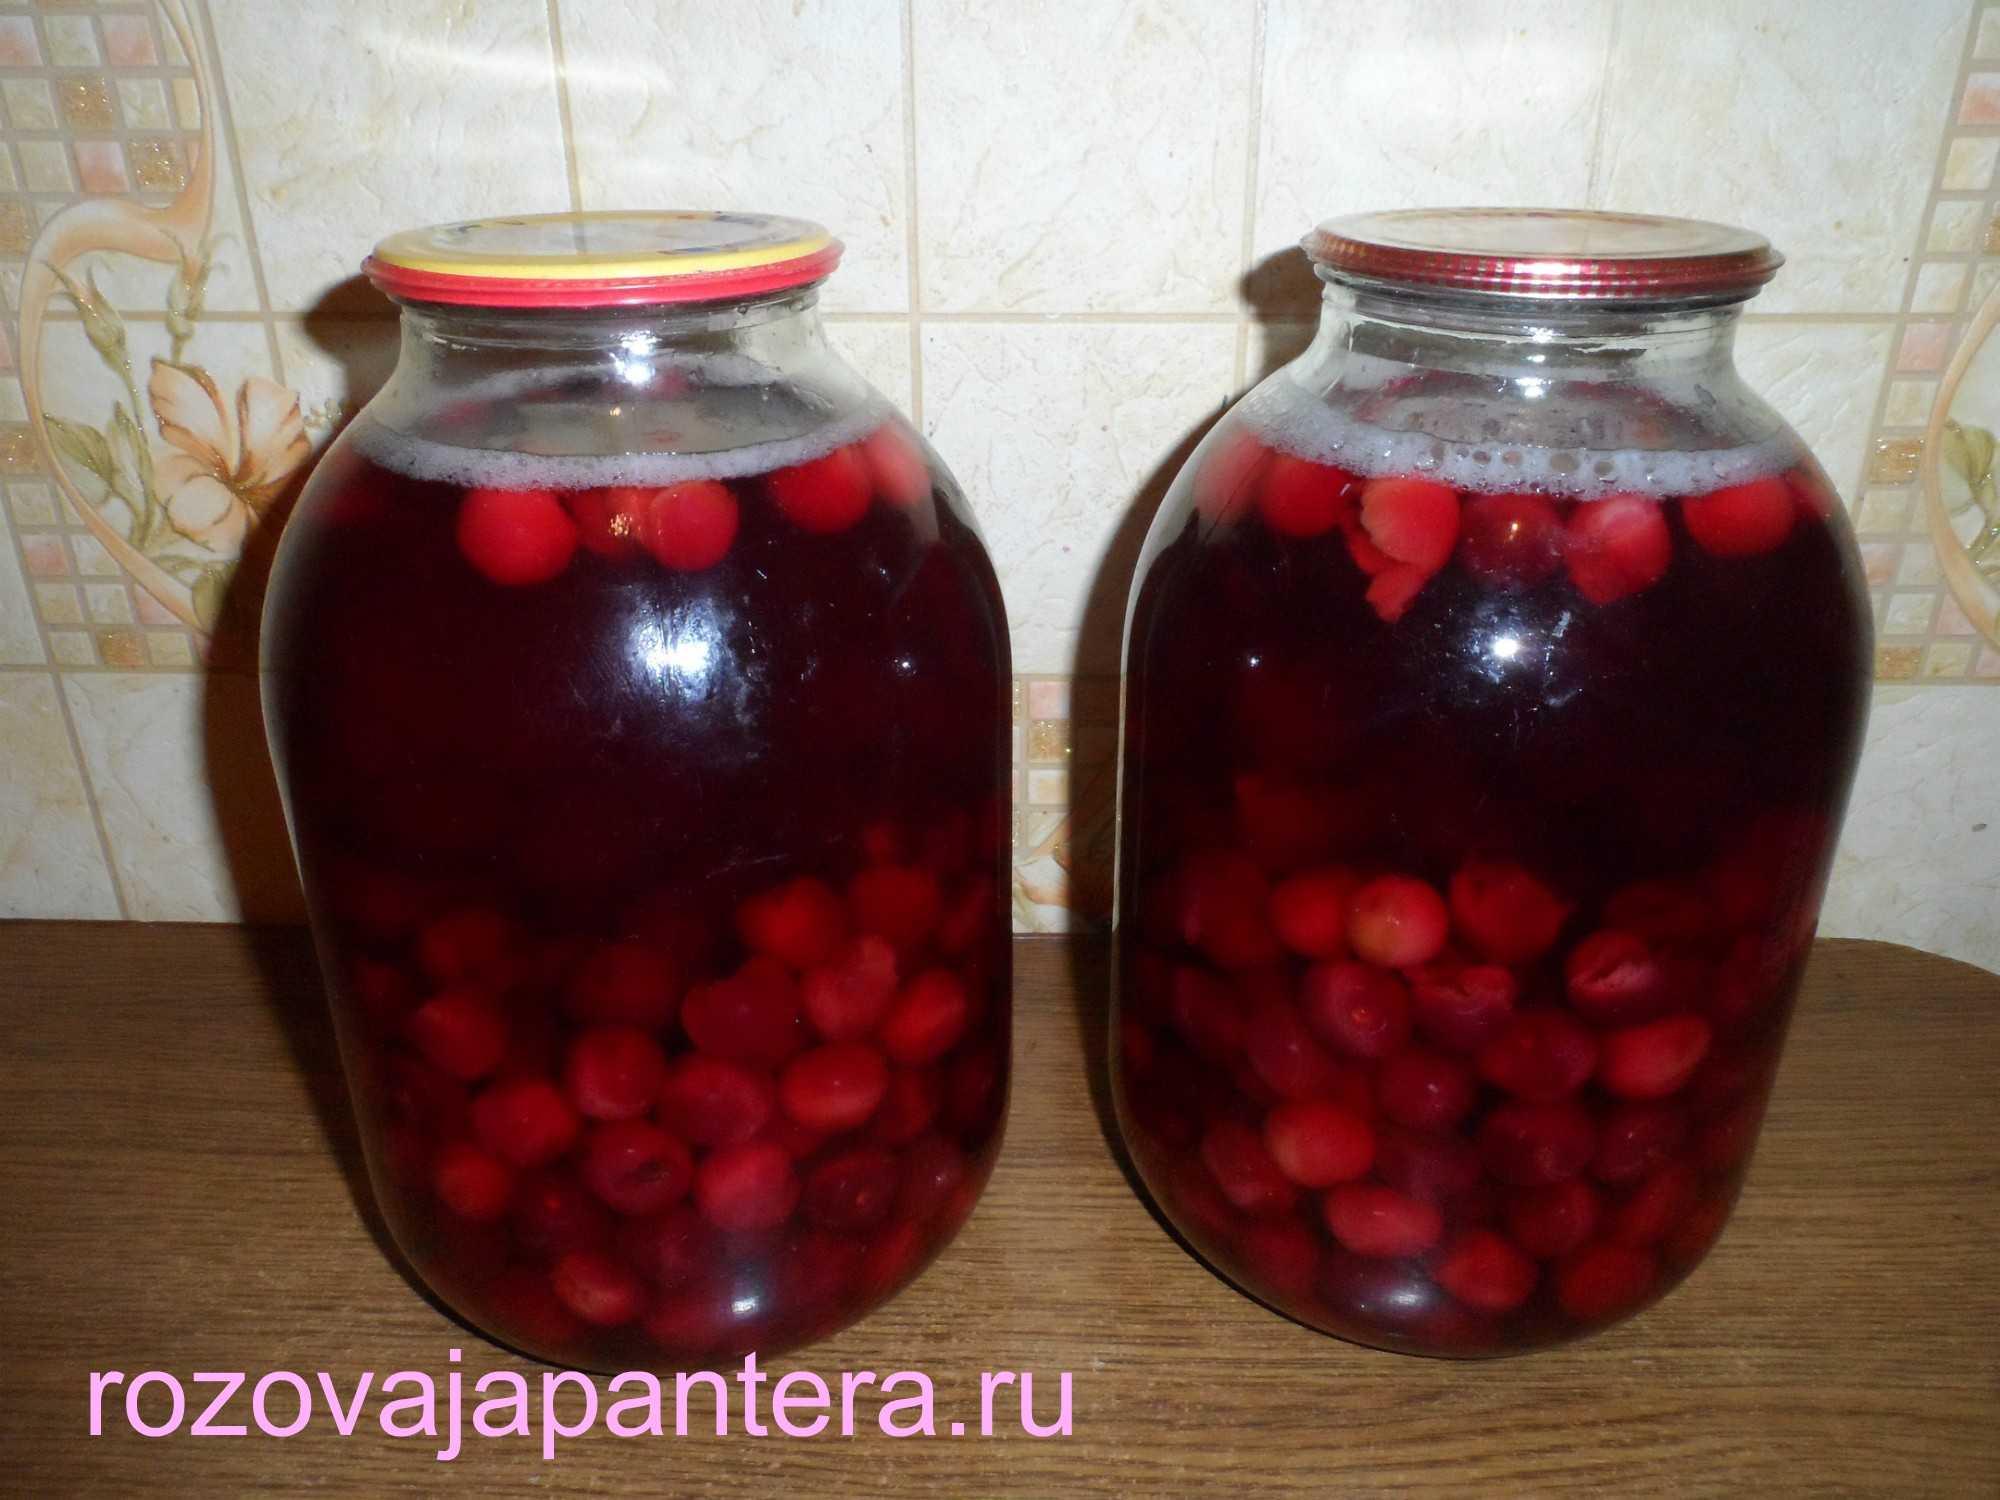 Компот из вишни на зиму в банках (8 рецептов). как приготовить компот из свежих или замороженных вишен